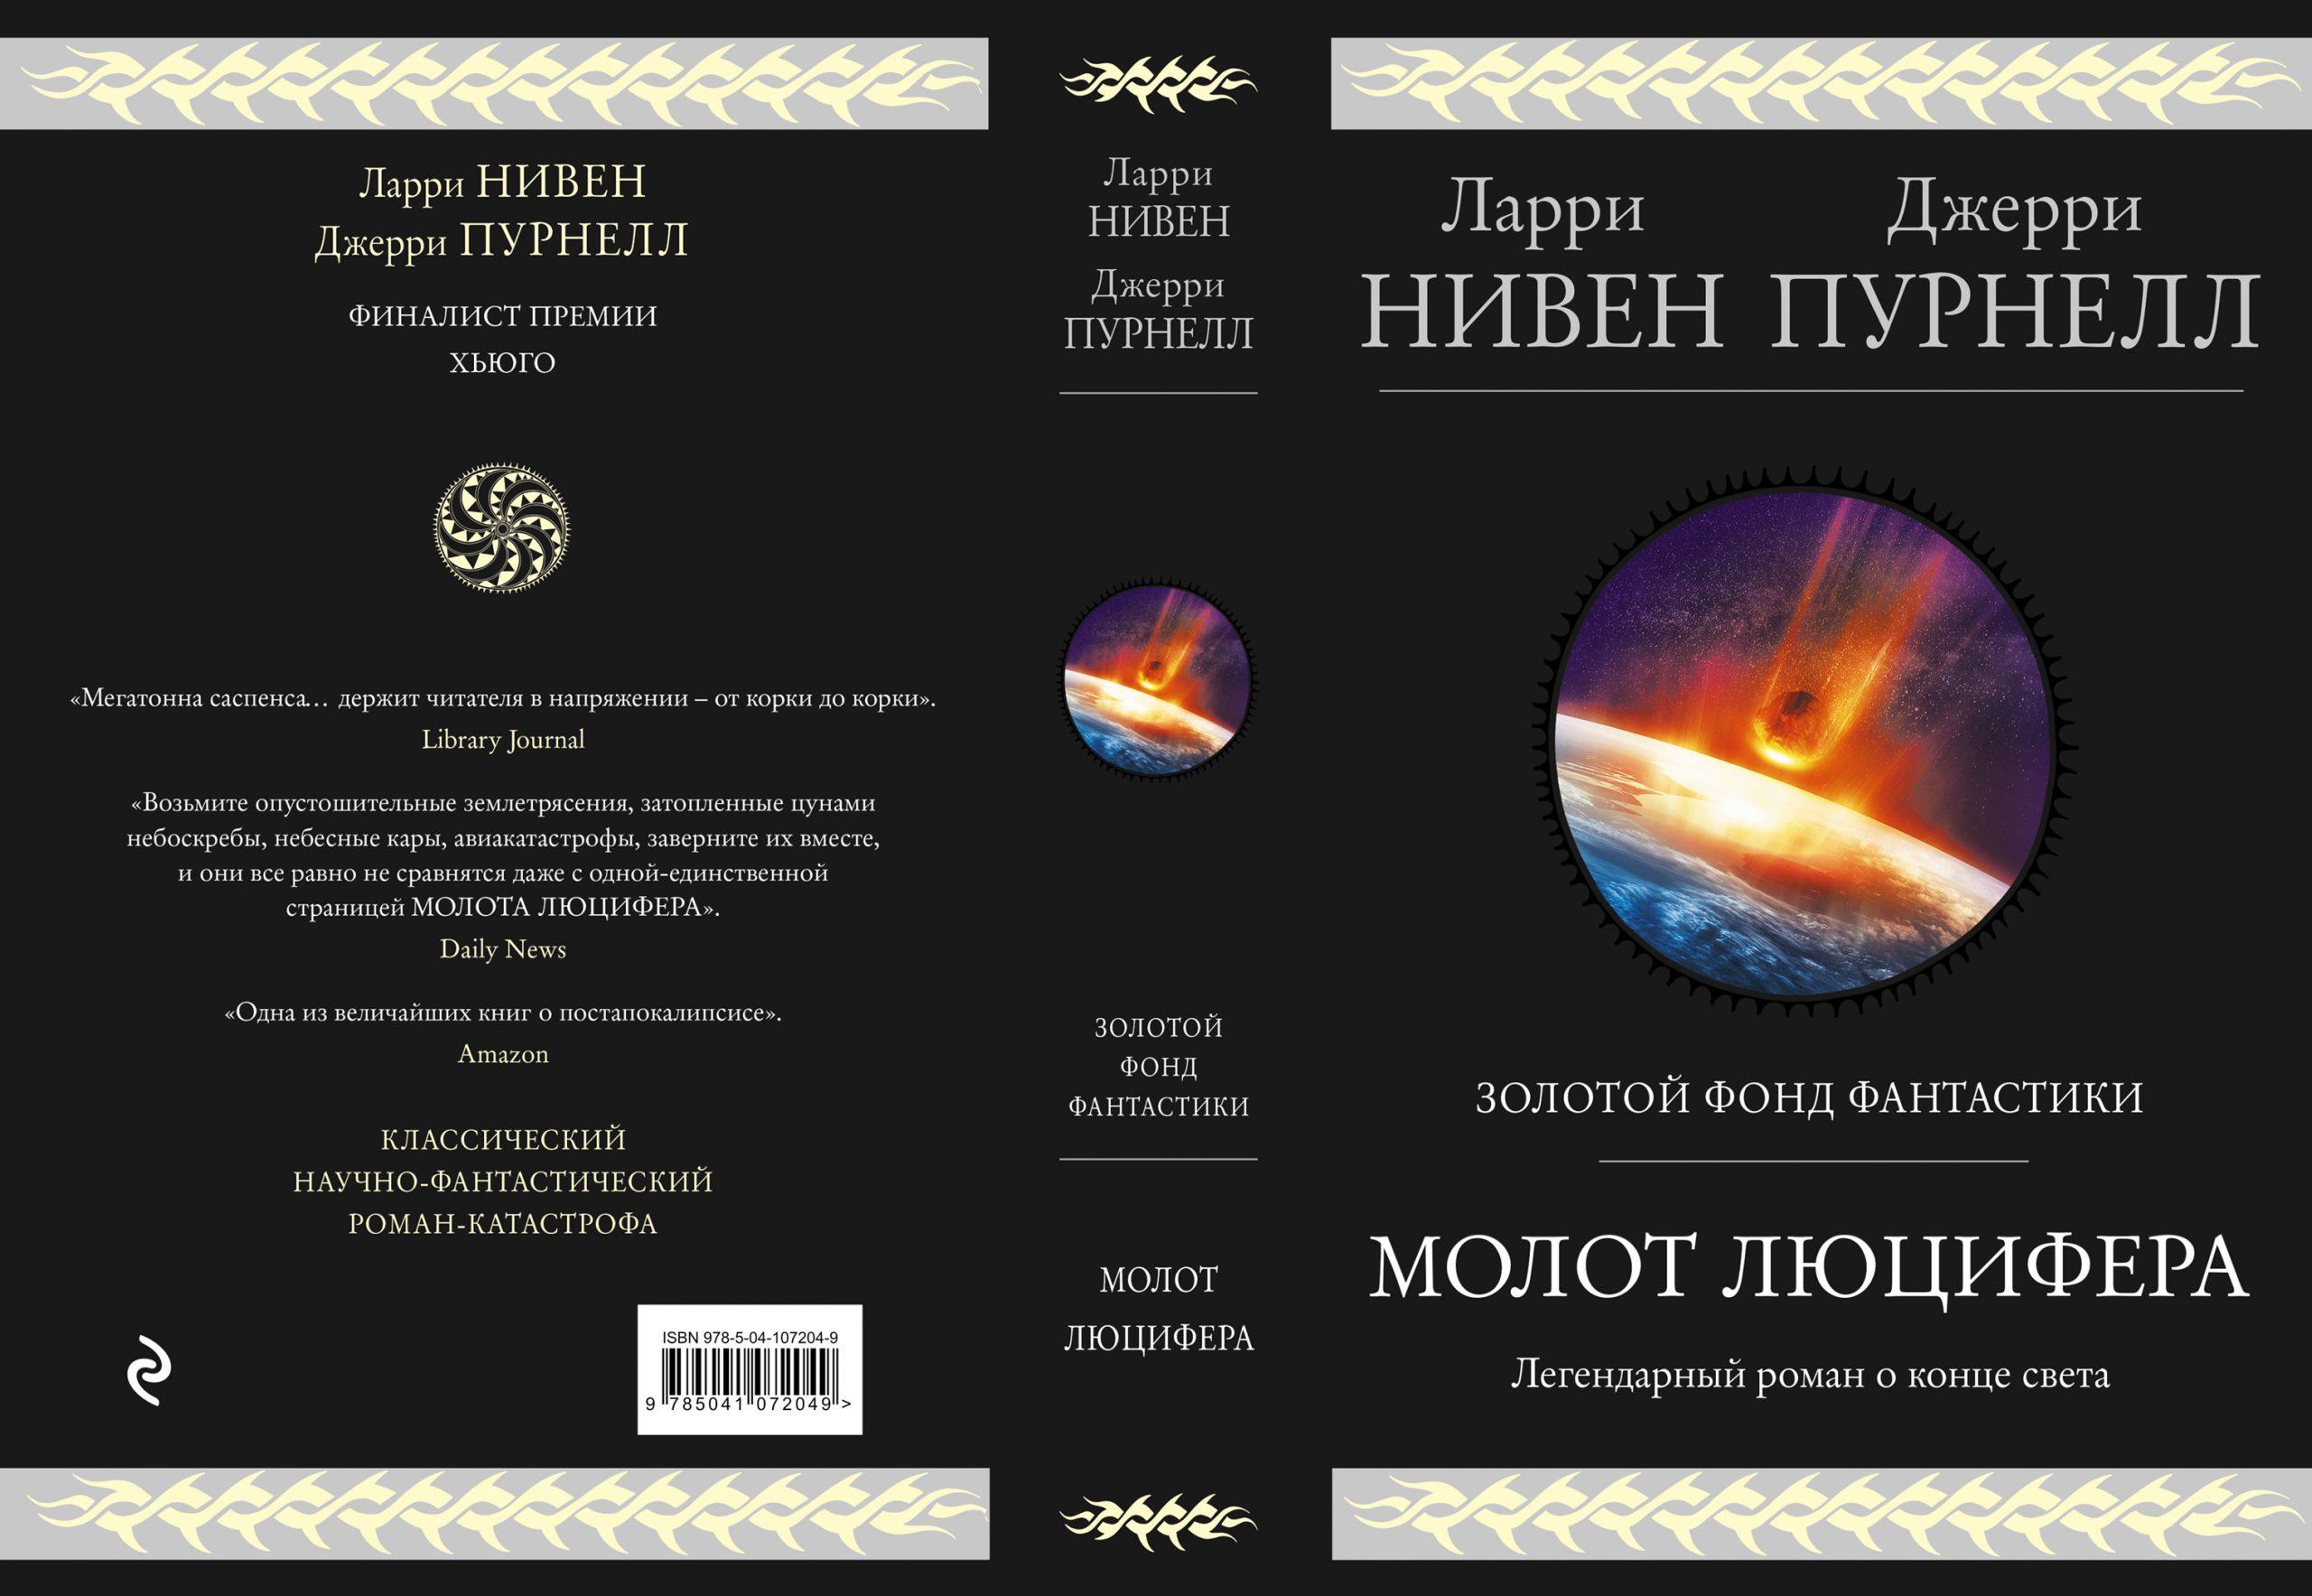 Что почитать: героическое фэнтези Смита и переиздание постапокалипсиса 2